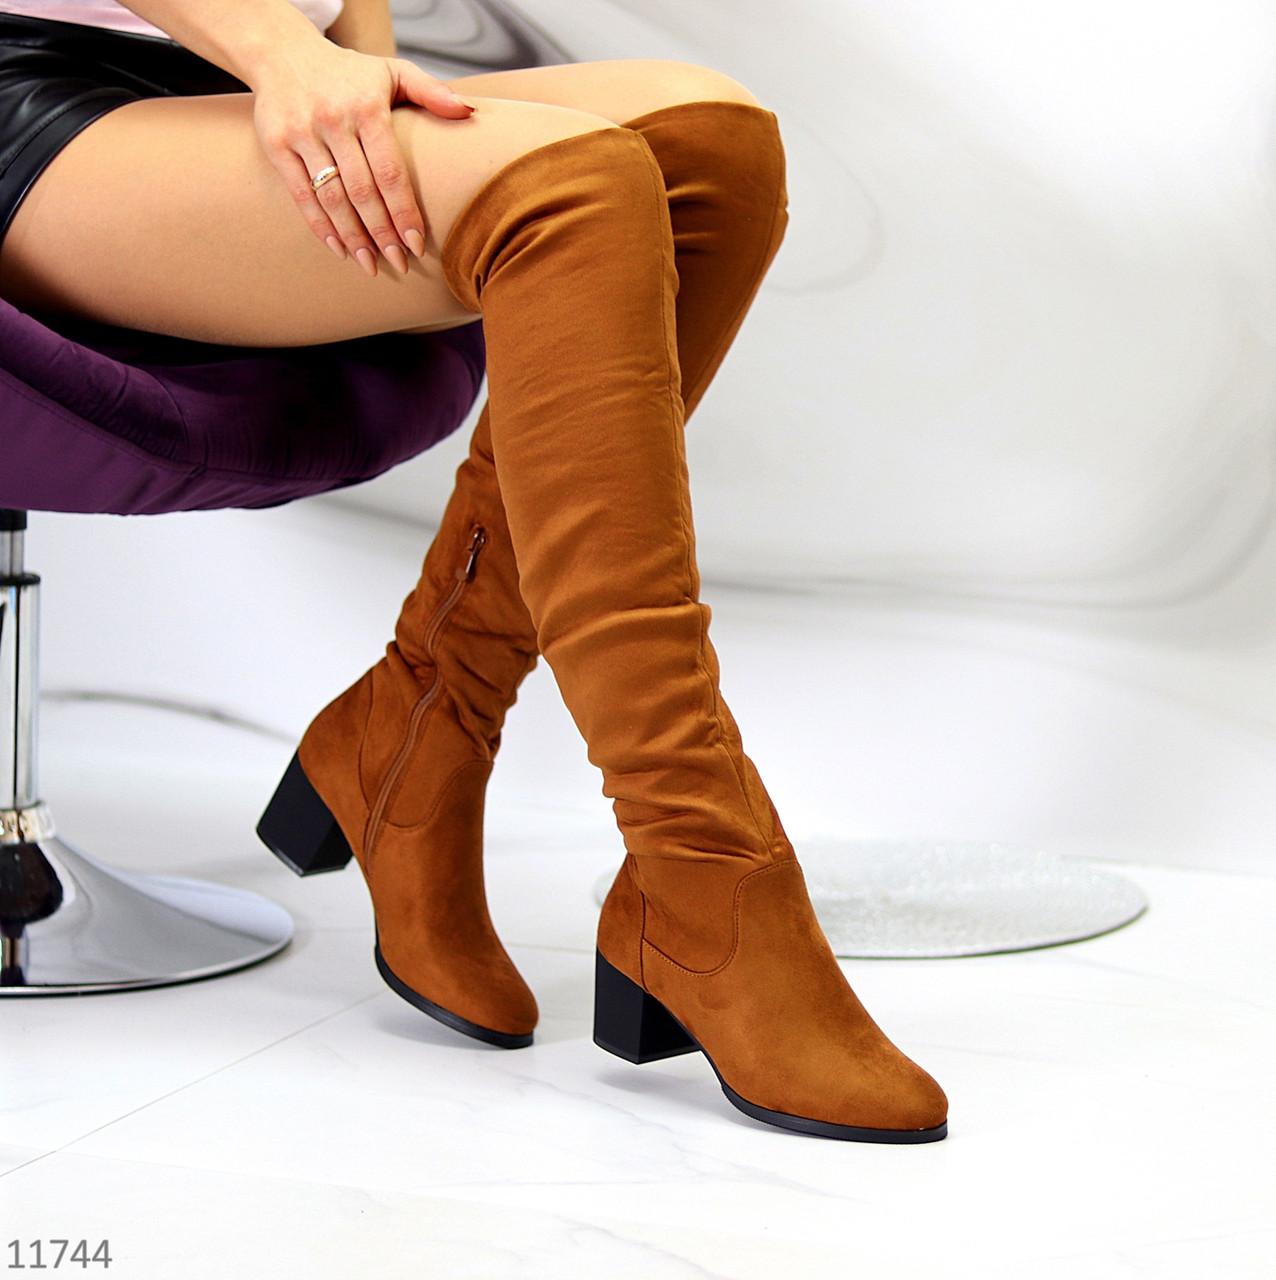 Високі жіночі замшеві чоботи ботфорти на низькому каблуці на флісі 37-24 38-24,5 см